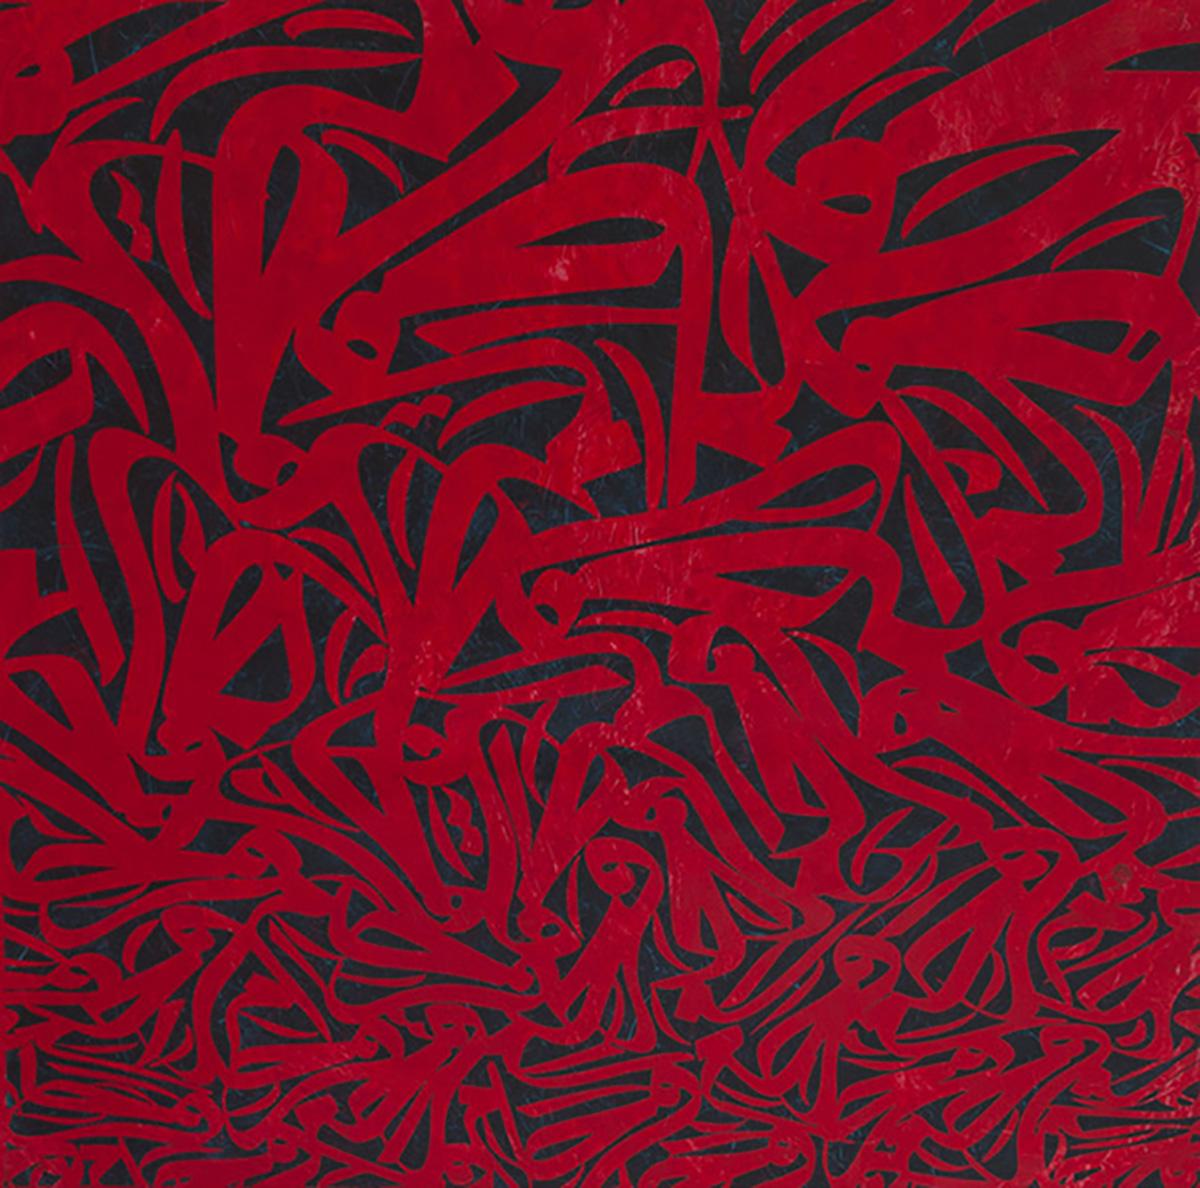 Mohammad Bozorgi, Destiny, acrylic on canvas, 150 x 150 cm, 2013